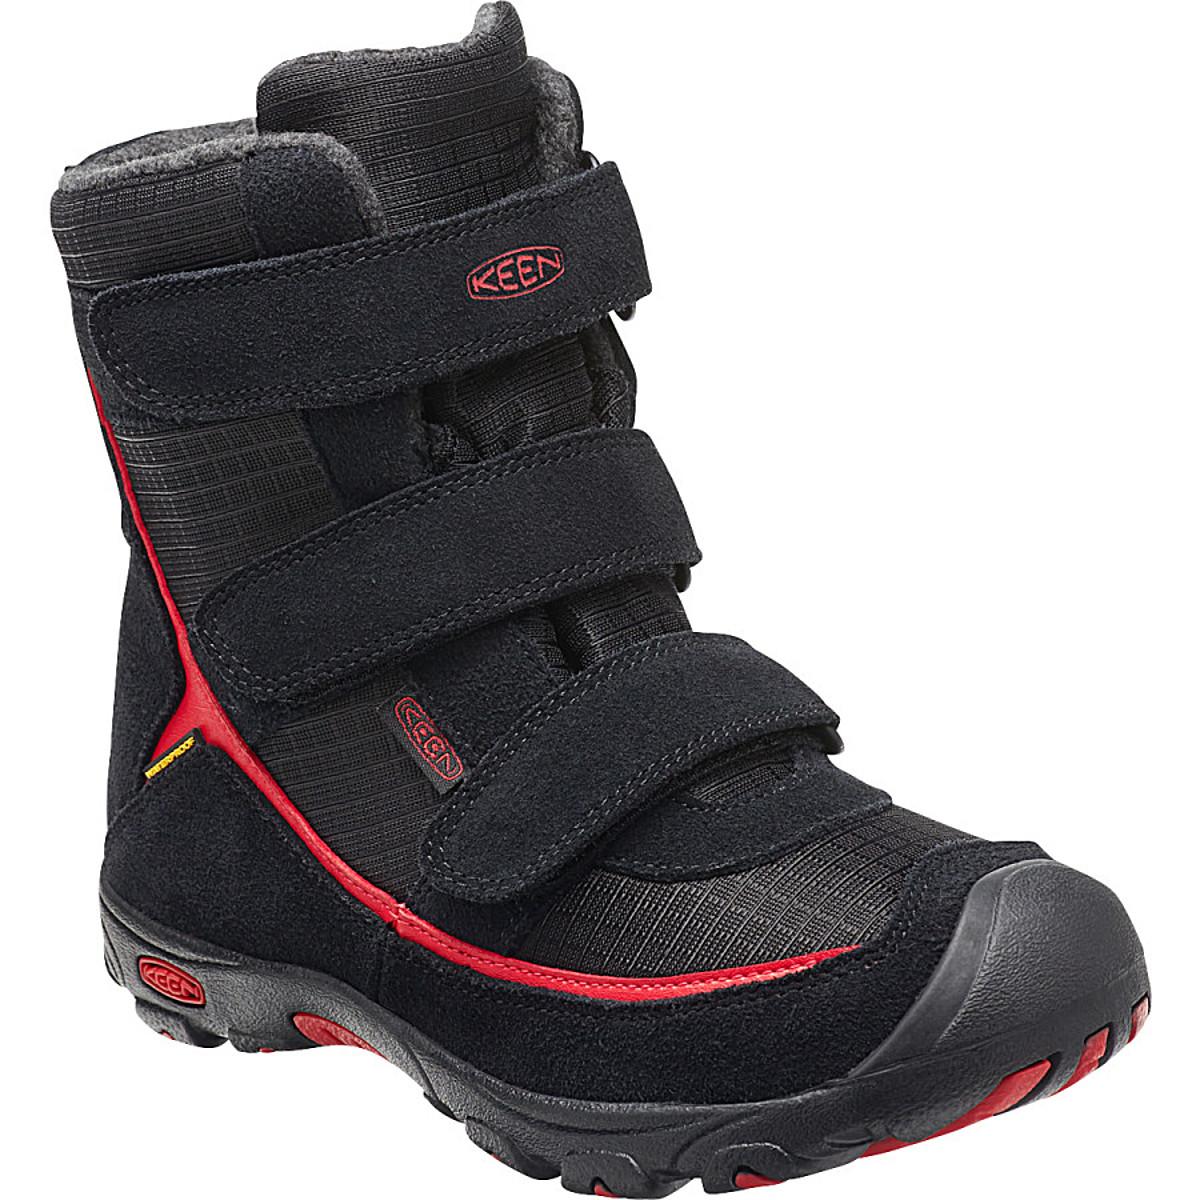 Keen Trezzo WP Boot